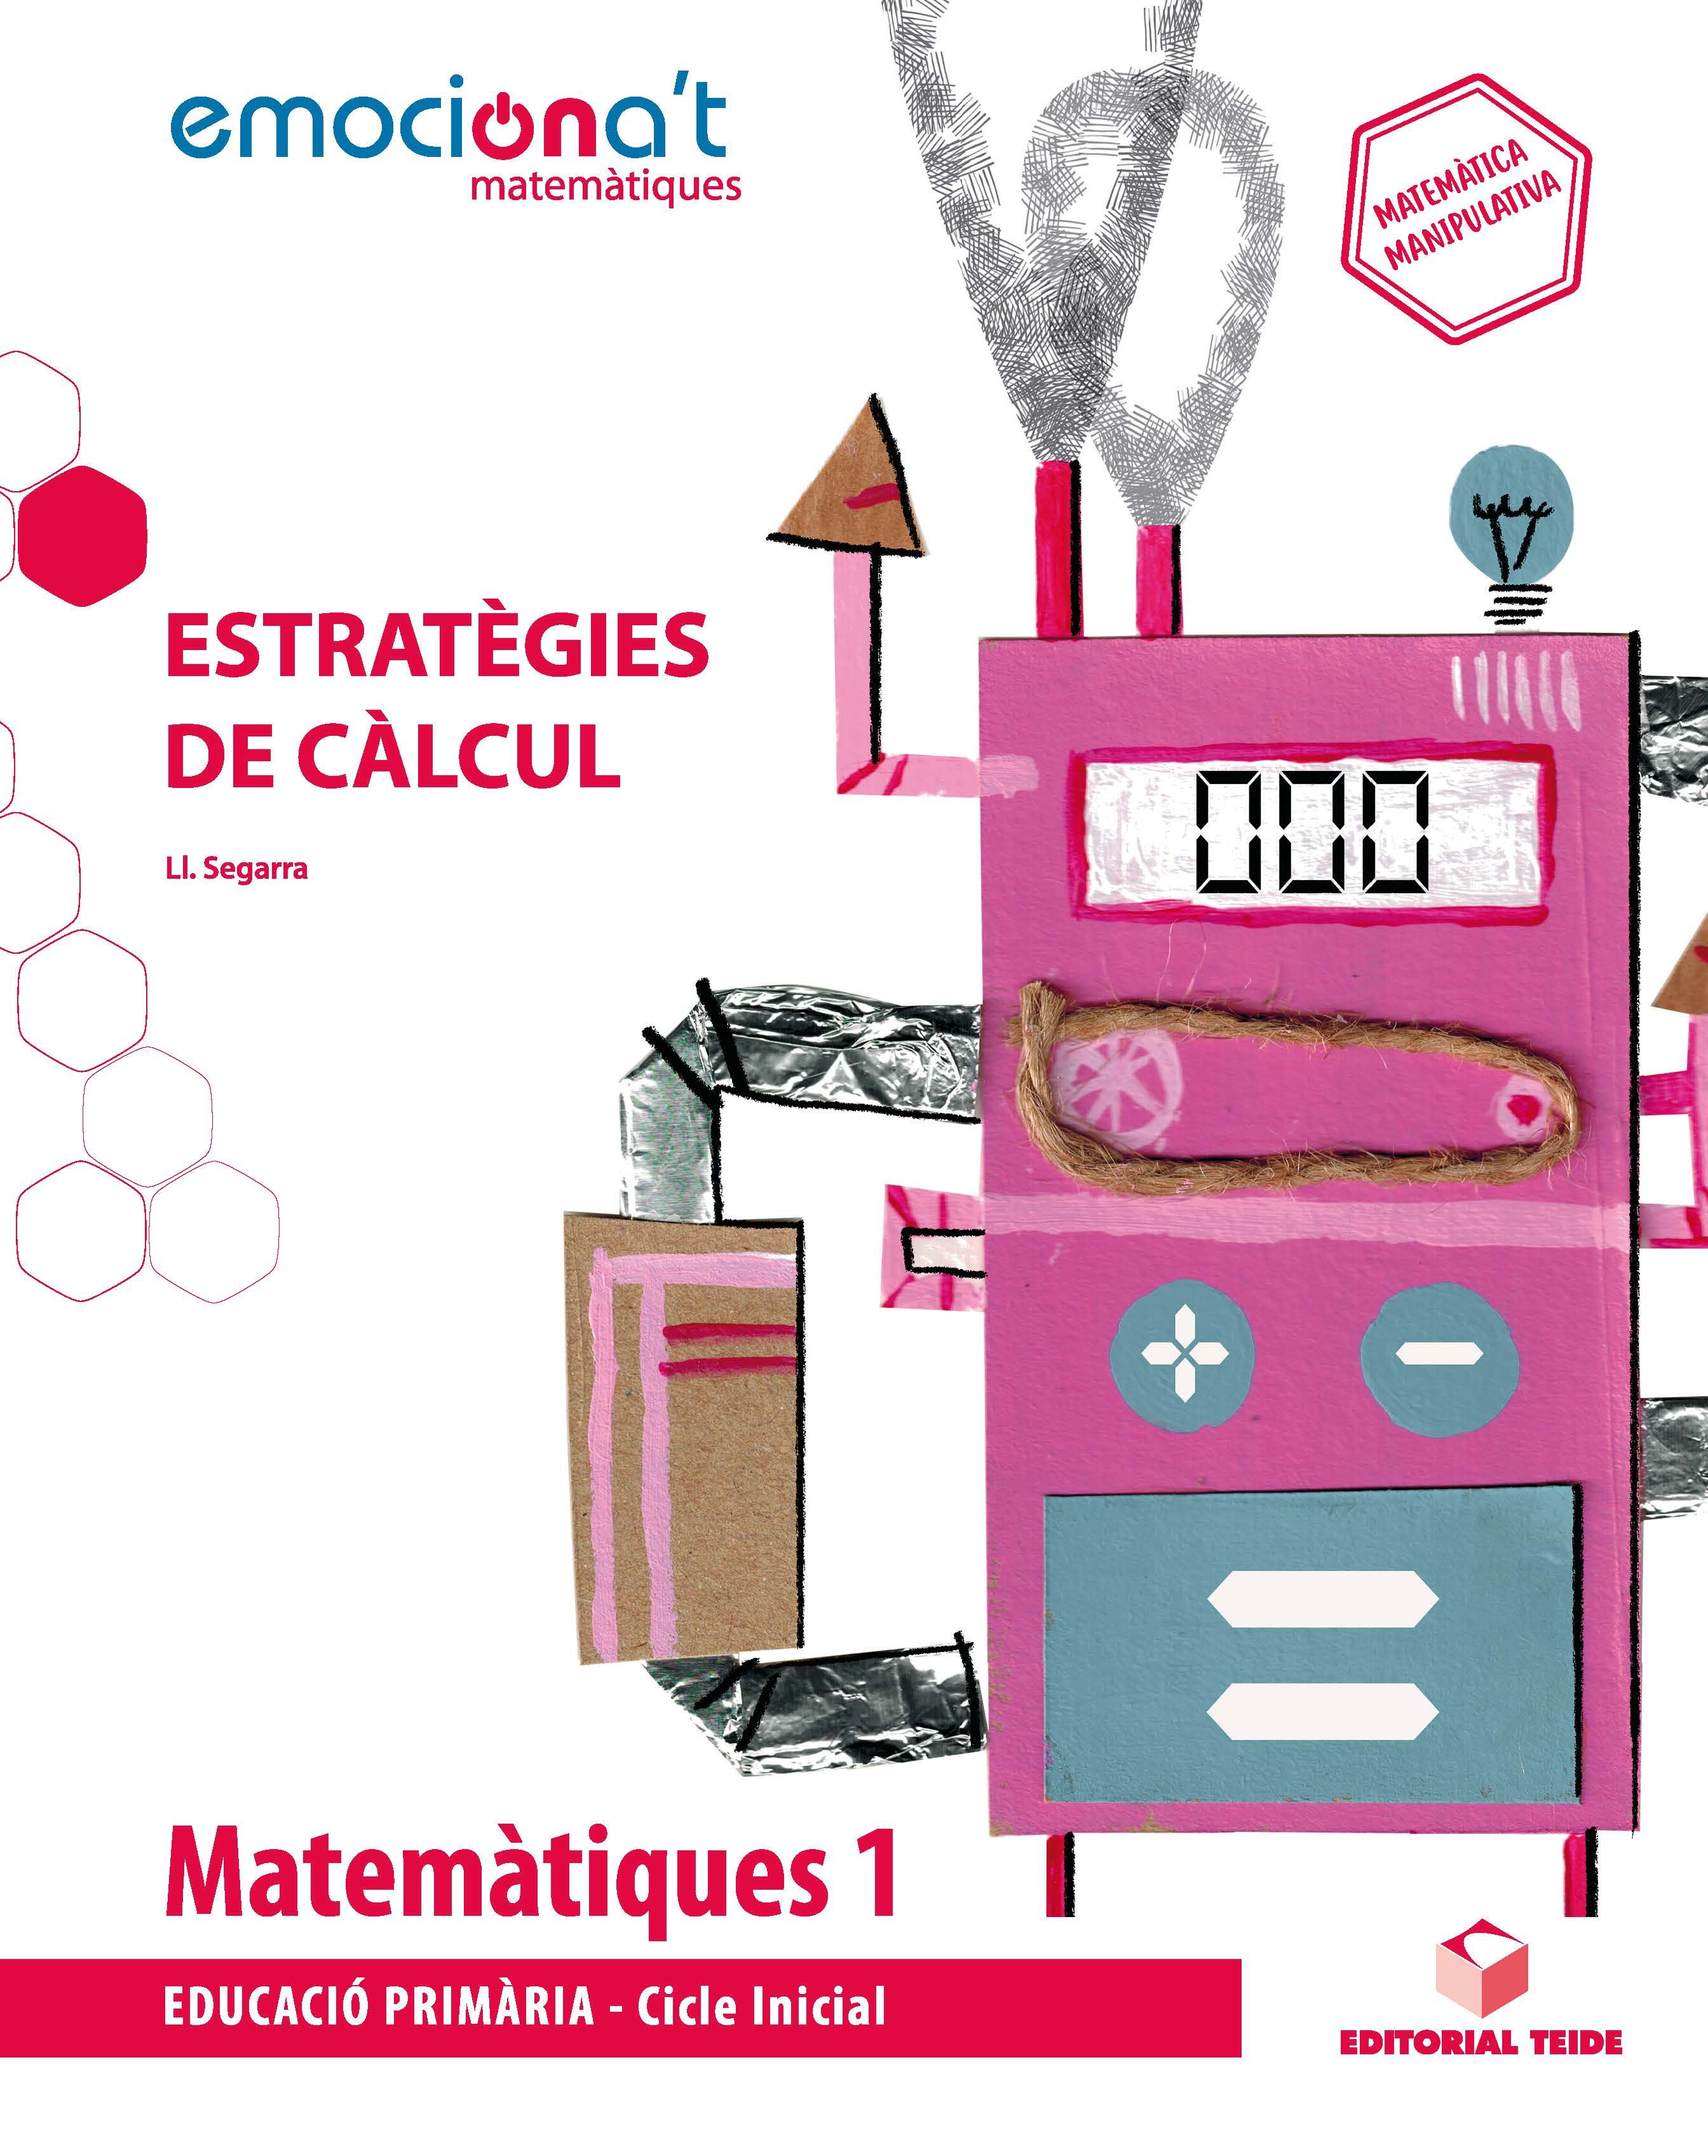 MATEMÀTIQUES 1 EPO. ESTRATÈGIES DE CÀLCUL - EMOCIONA'T